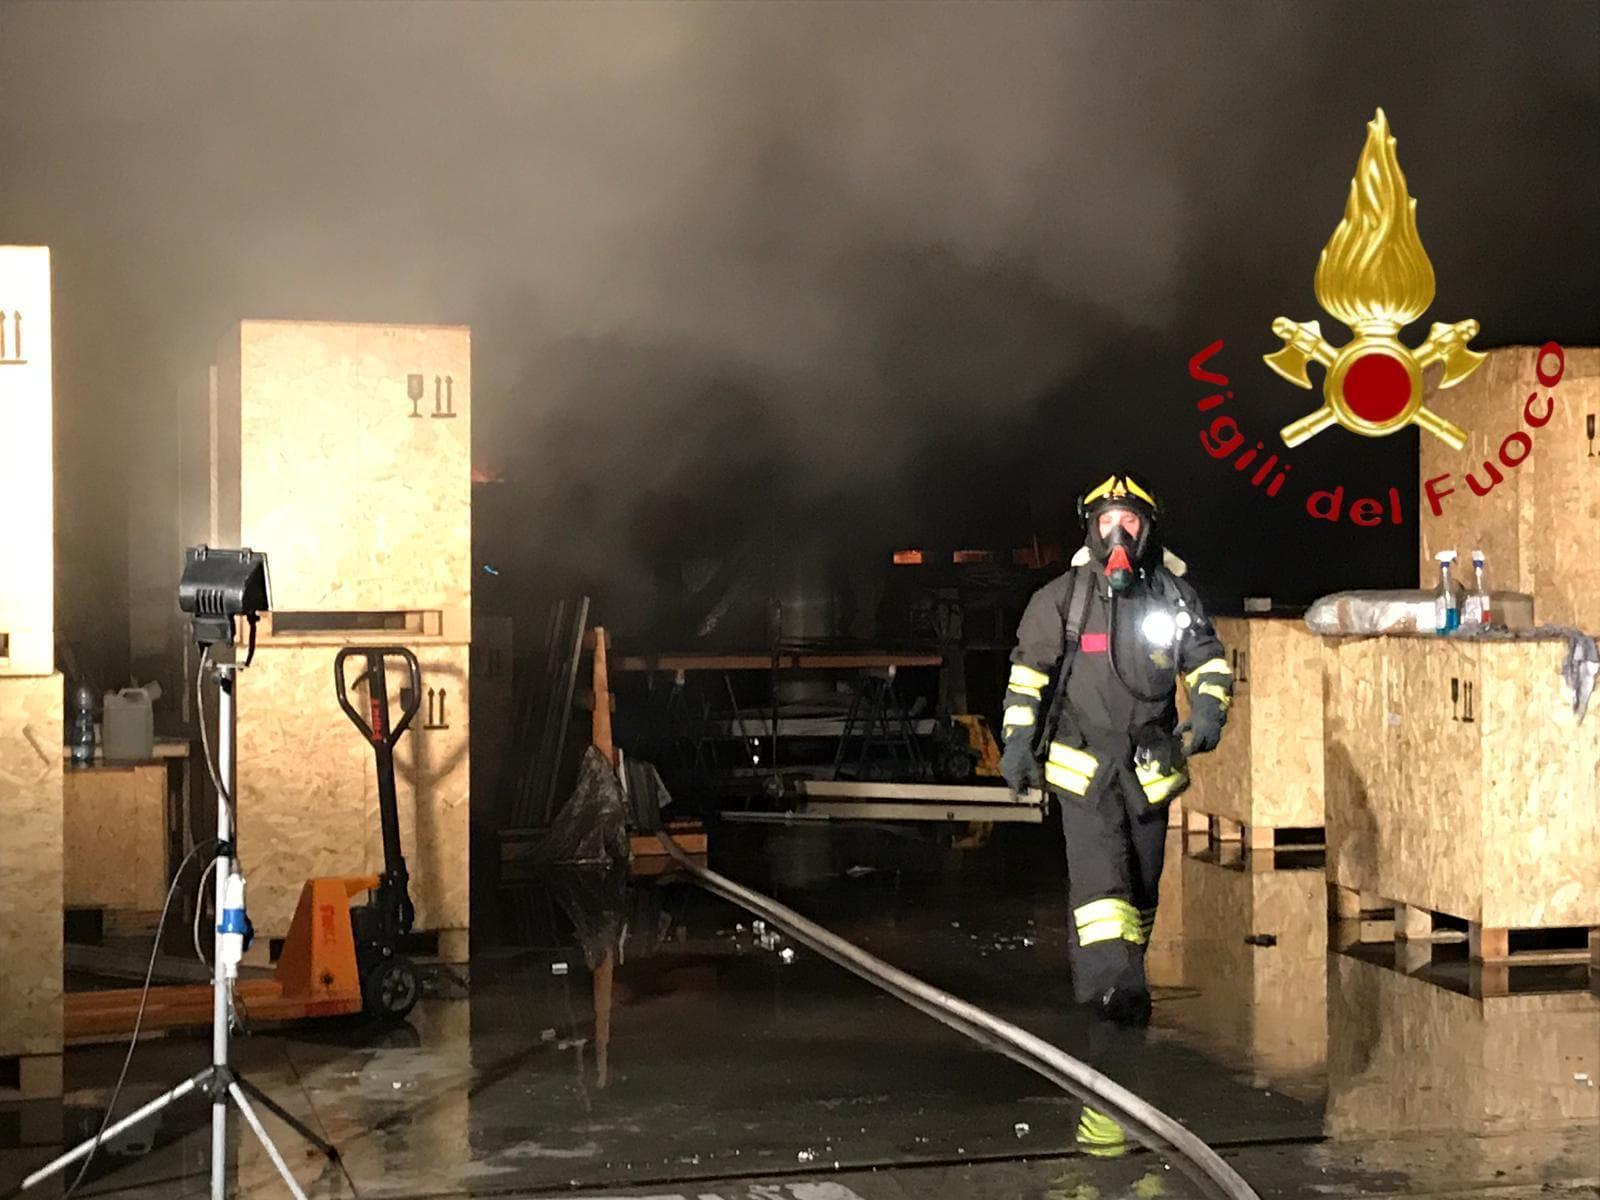 Incendio a Cabiate 5 agosto 2019 2-2-2